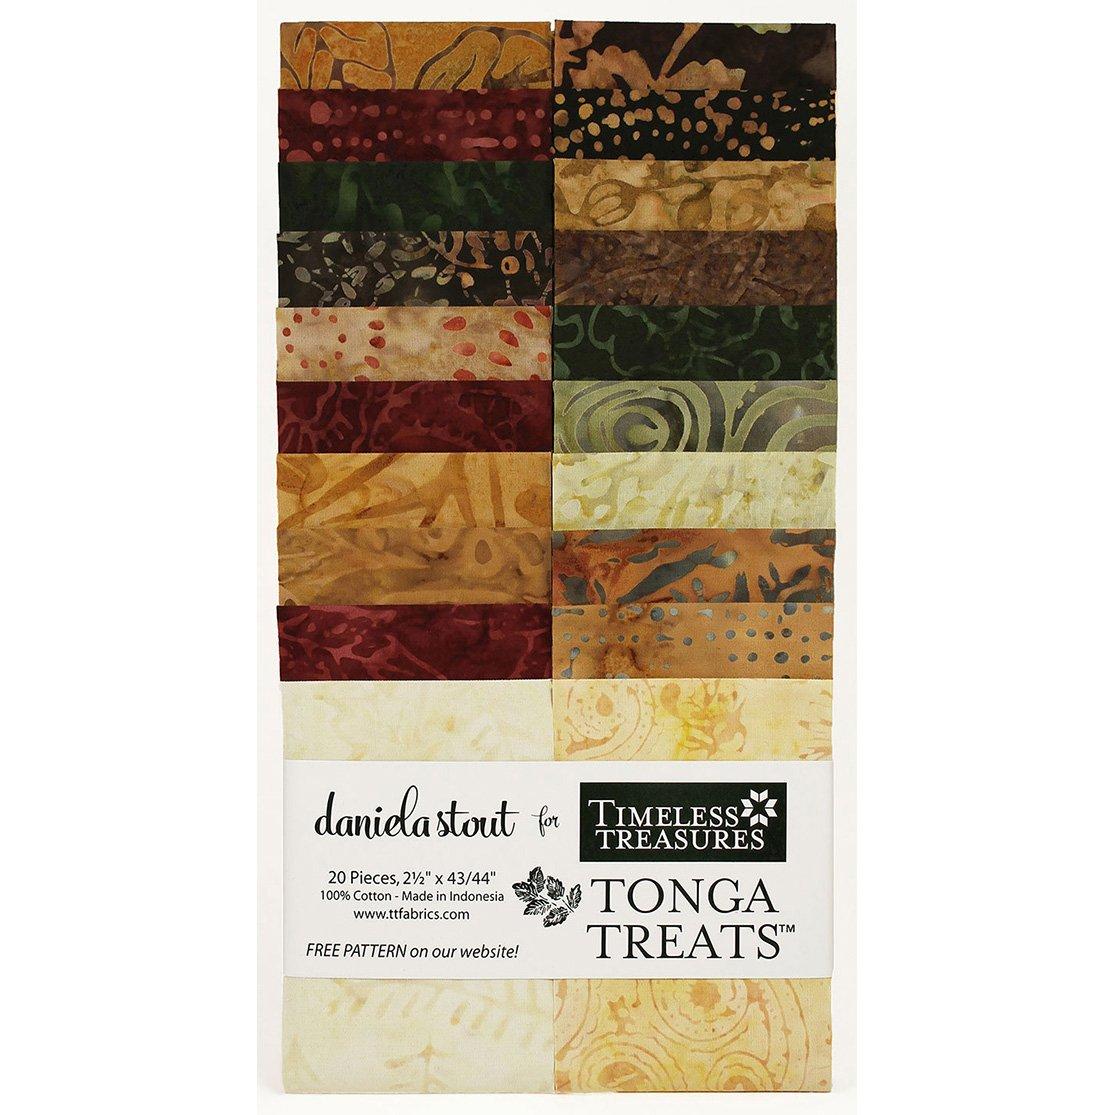 Tonga Treats - Nutmeg - 20pc - 2-1/2  x 43/44 - 100% Cotton